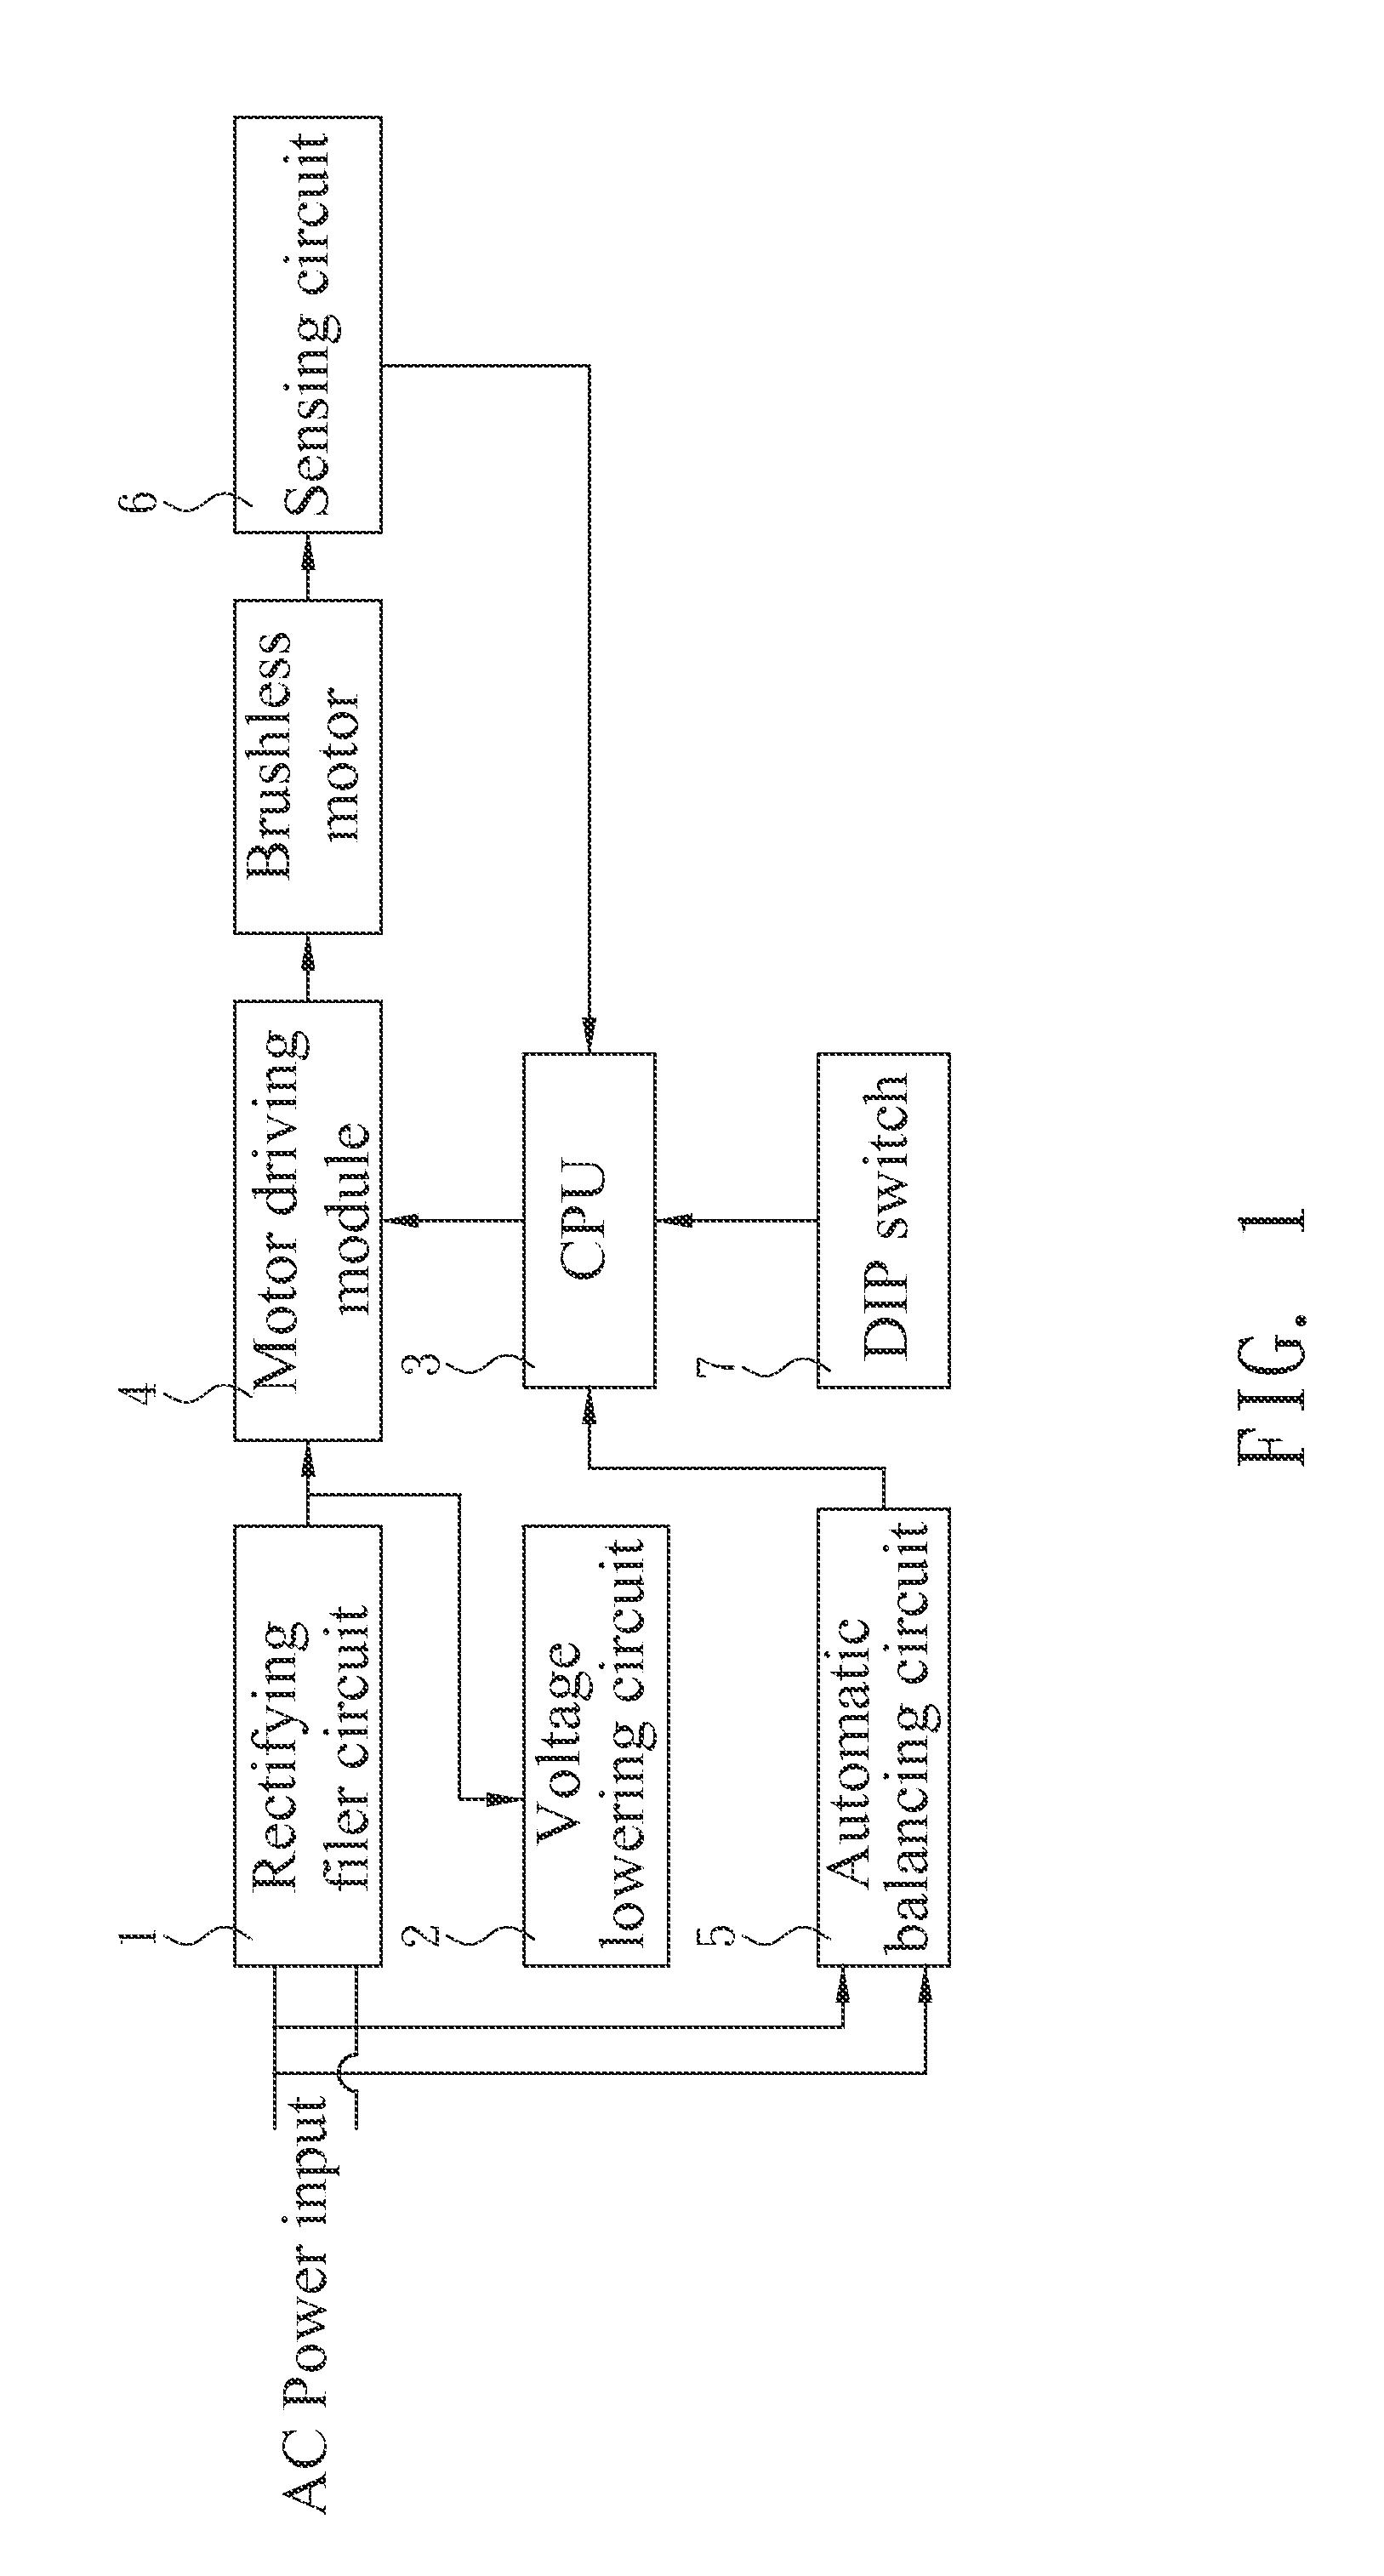 patent us20120251334